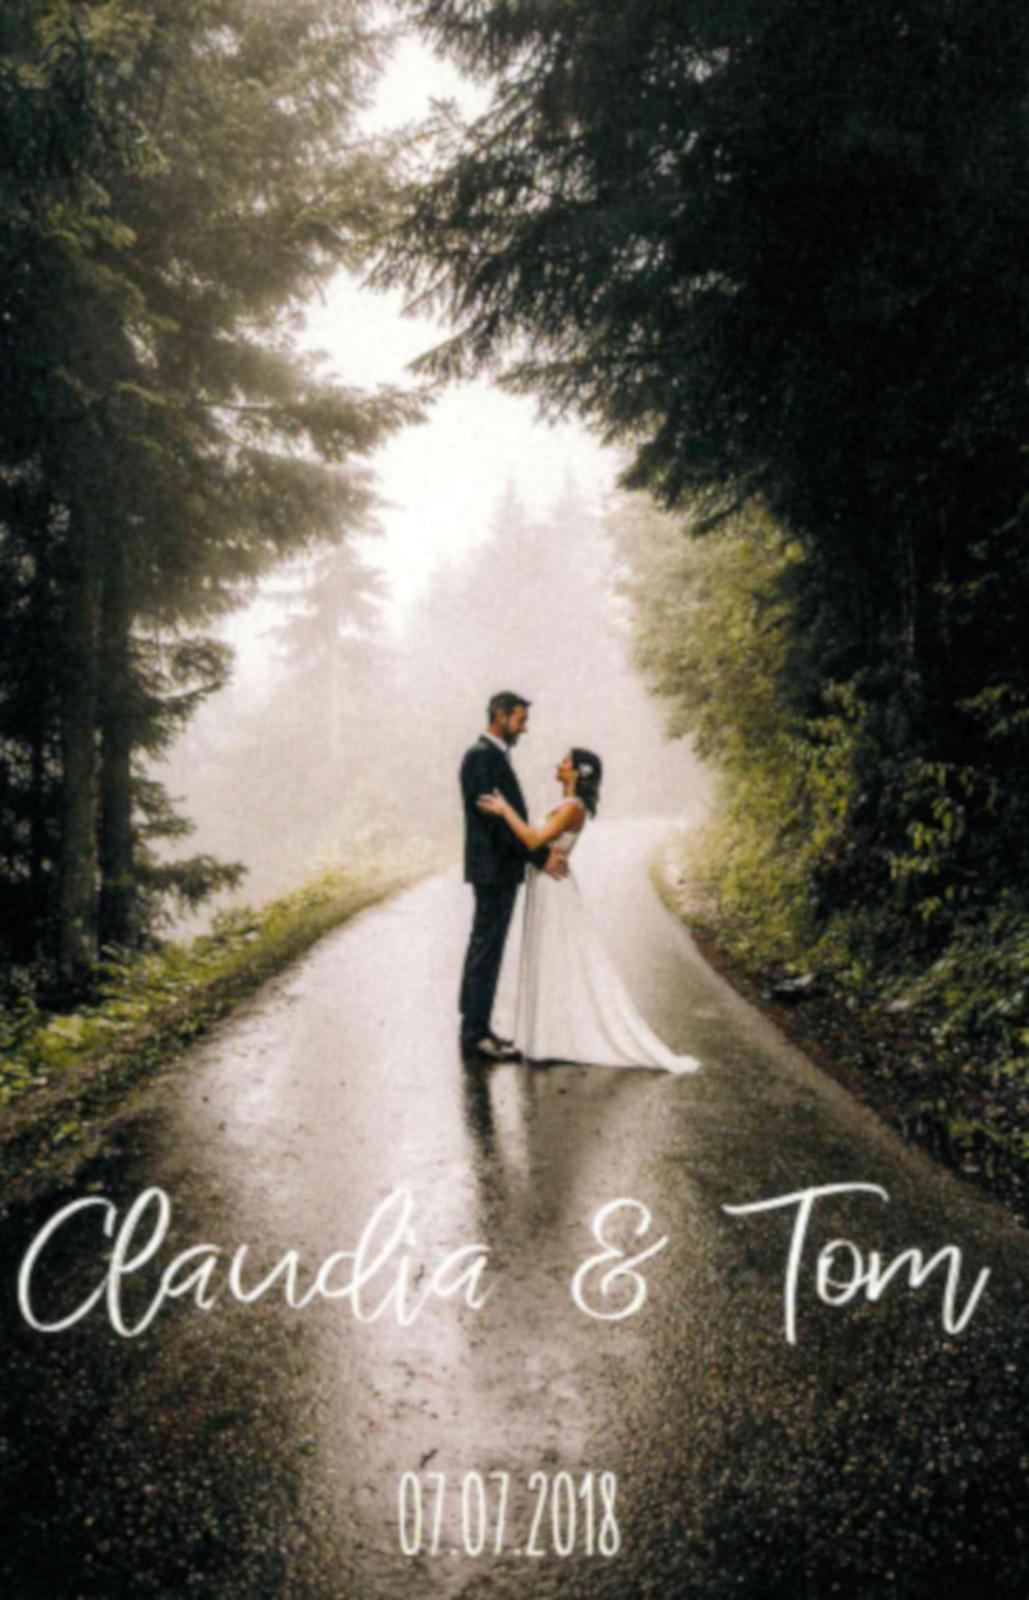 Claudia&tom